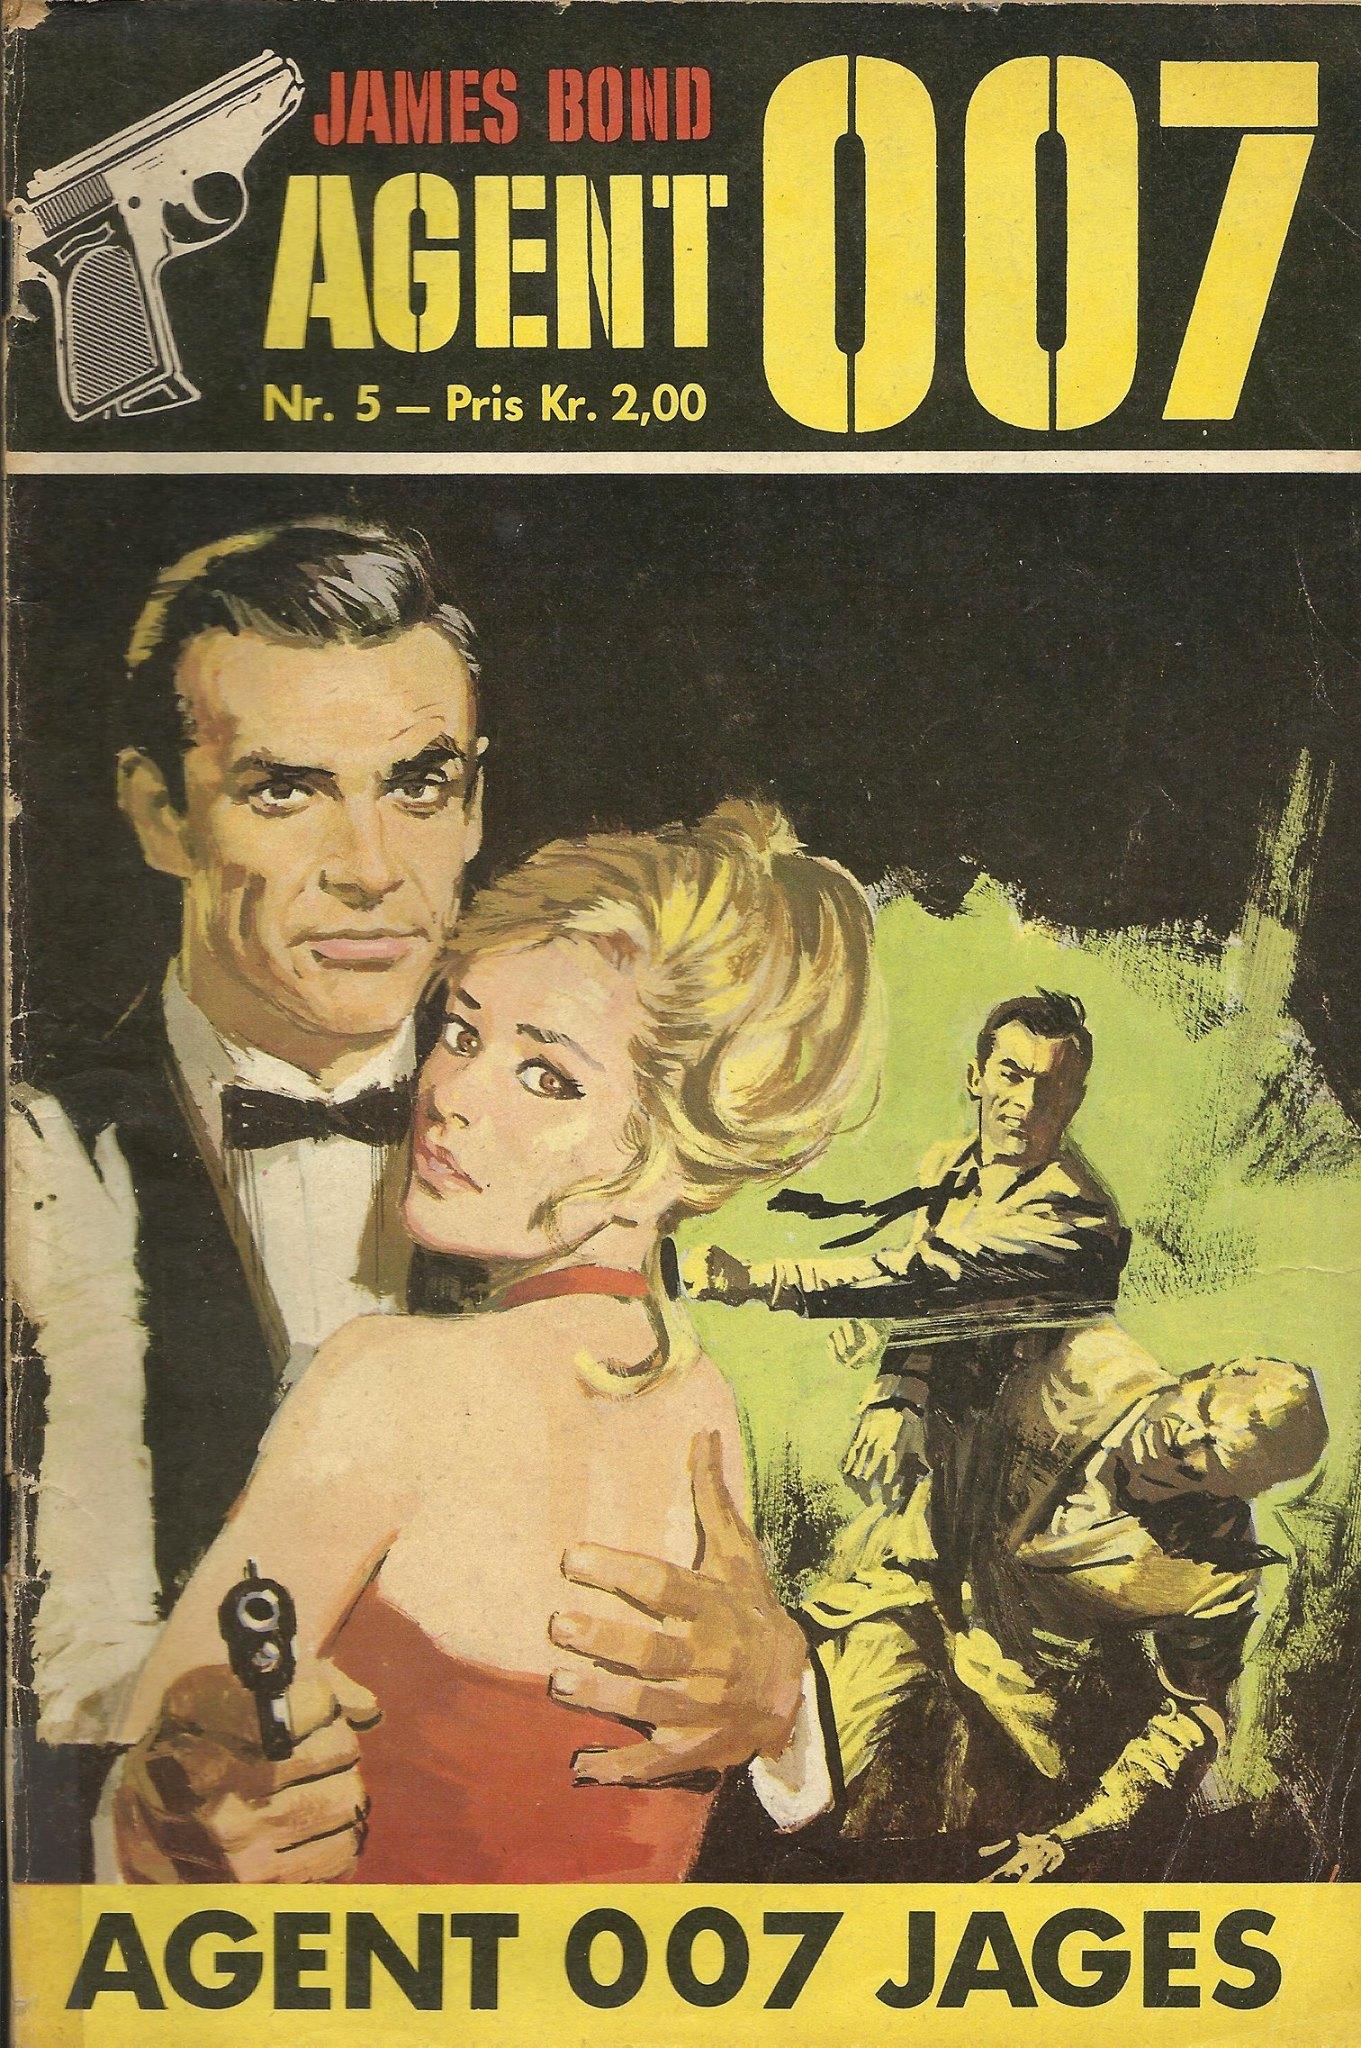 James Bond Agent 007 nr. 5 (1966)